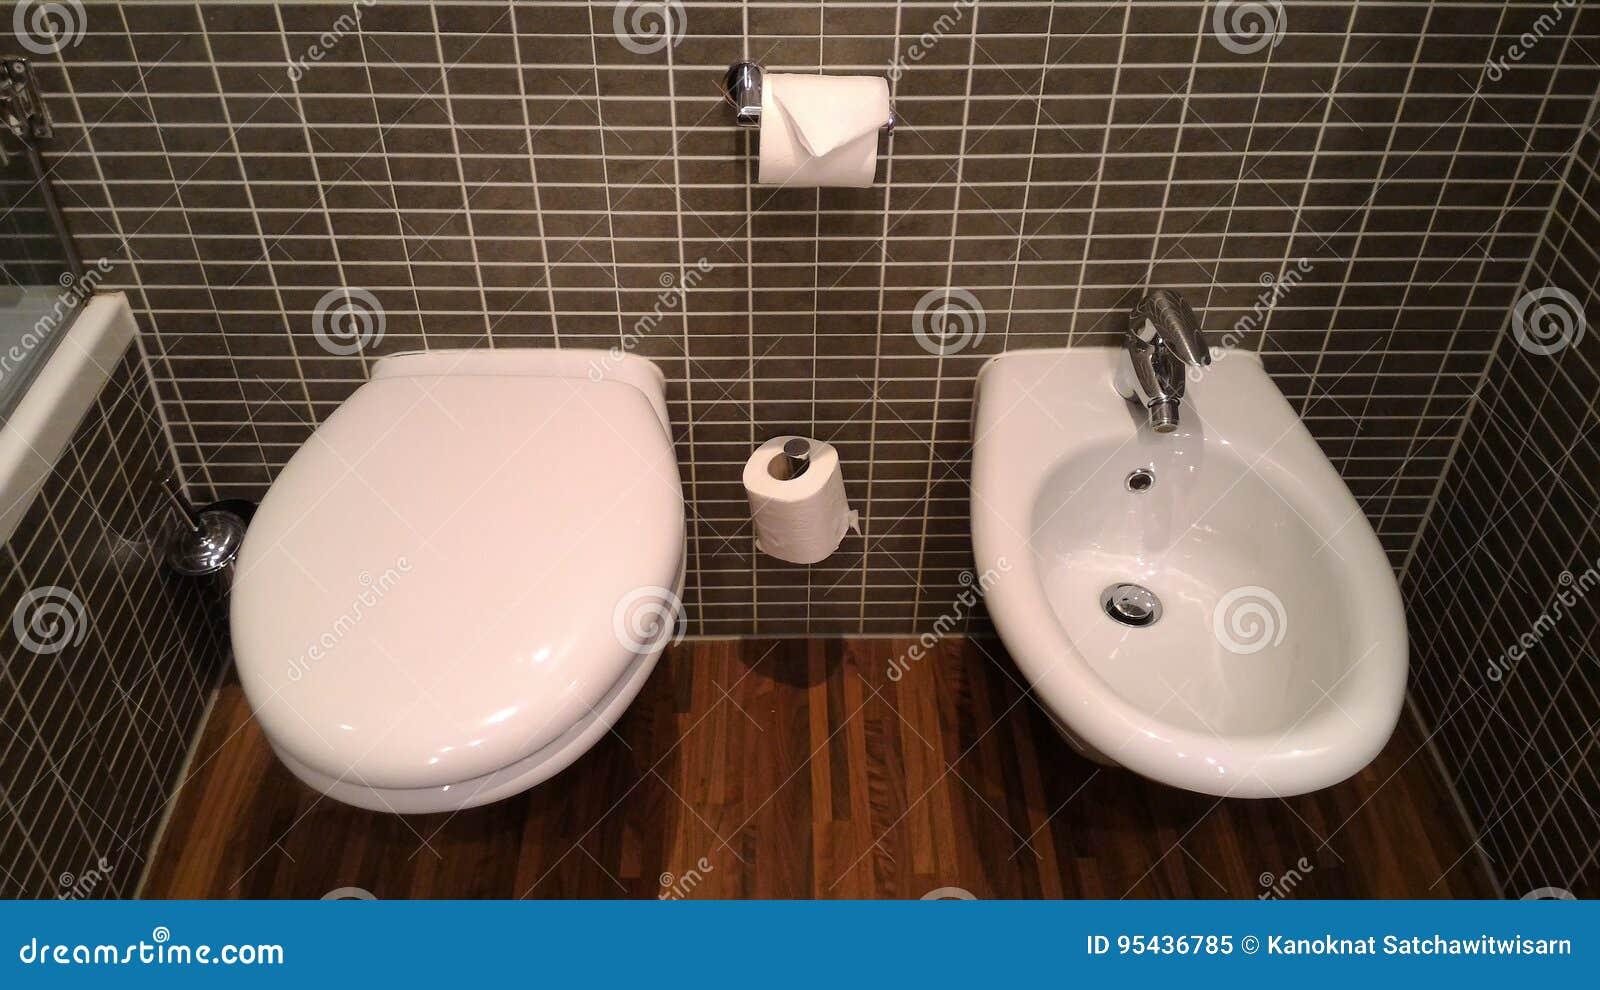 Toilette europea: stile unico della toilette con il bidet